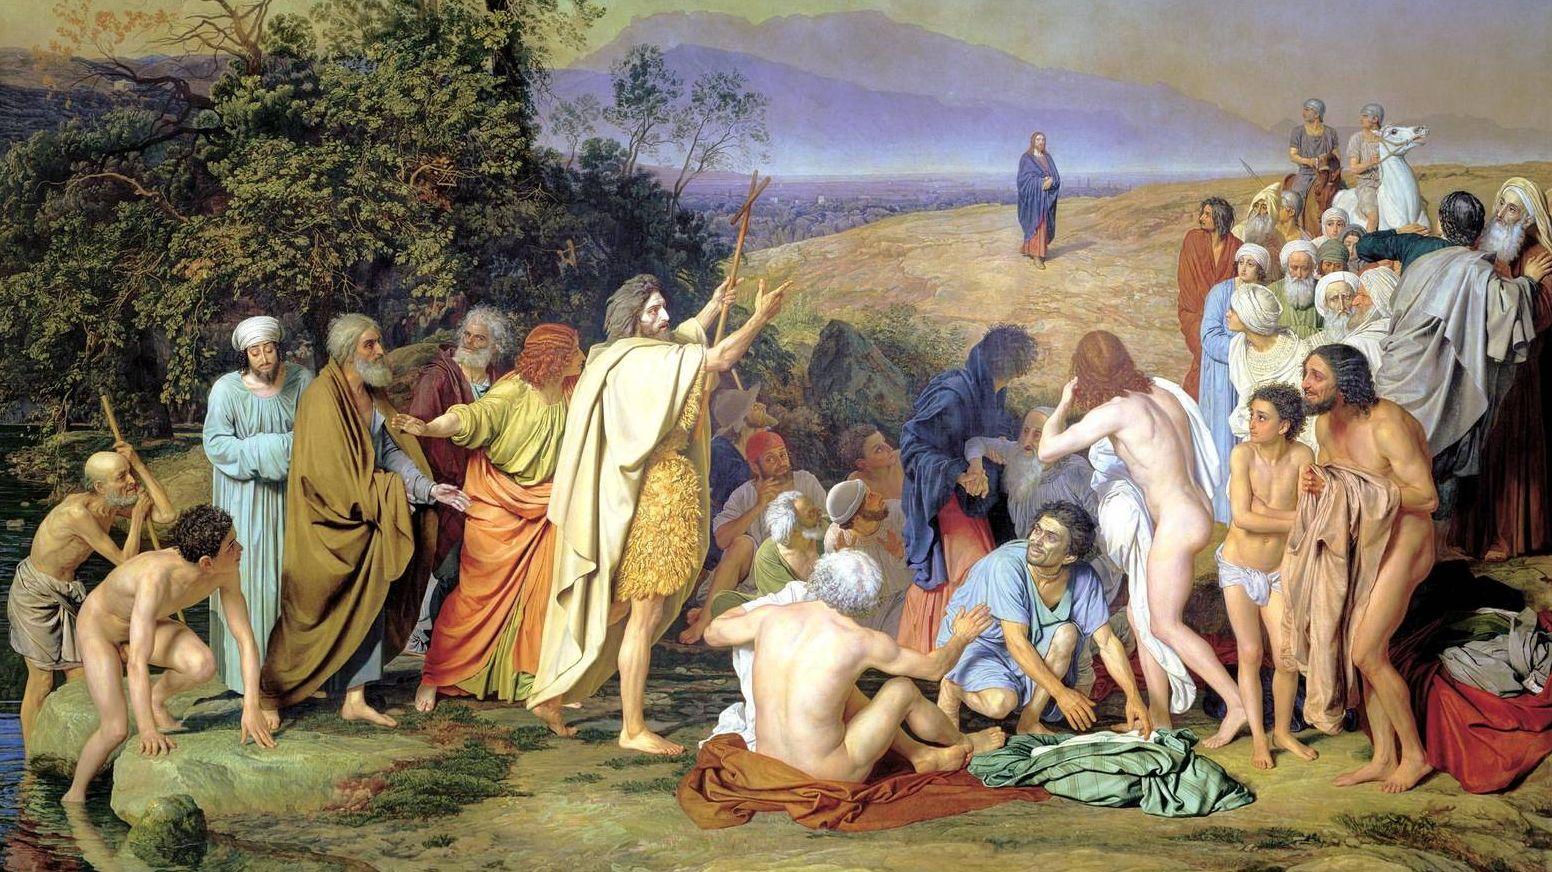 Александр Иванов. Явление Христа народу. (1837—1857)